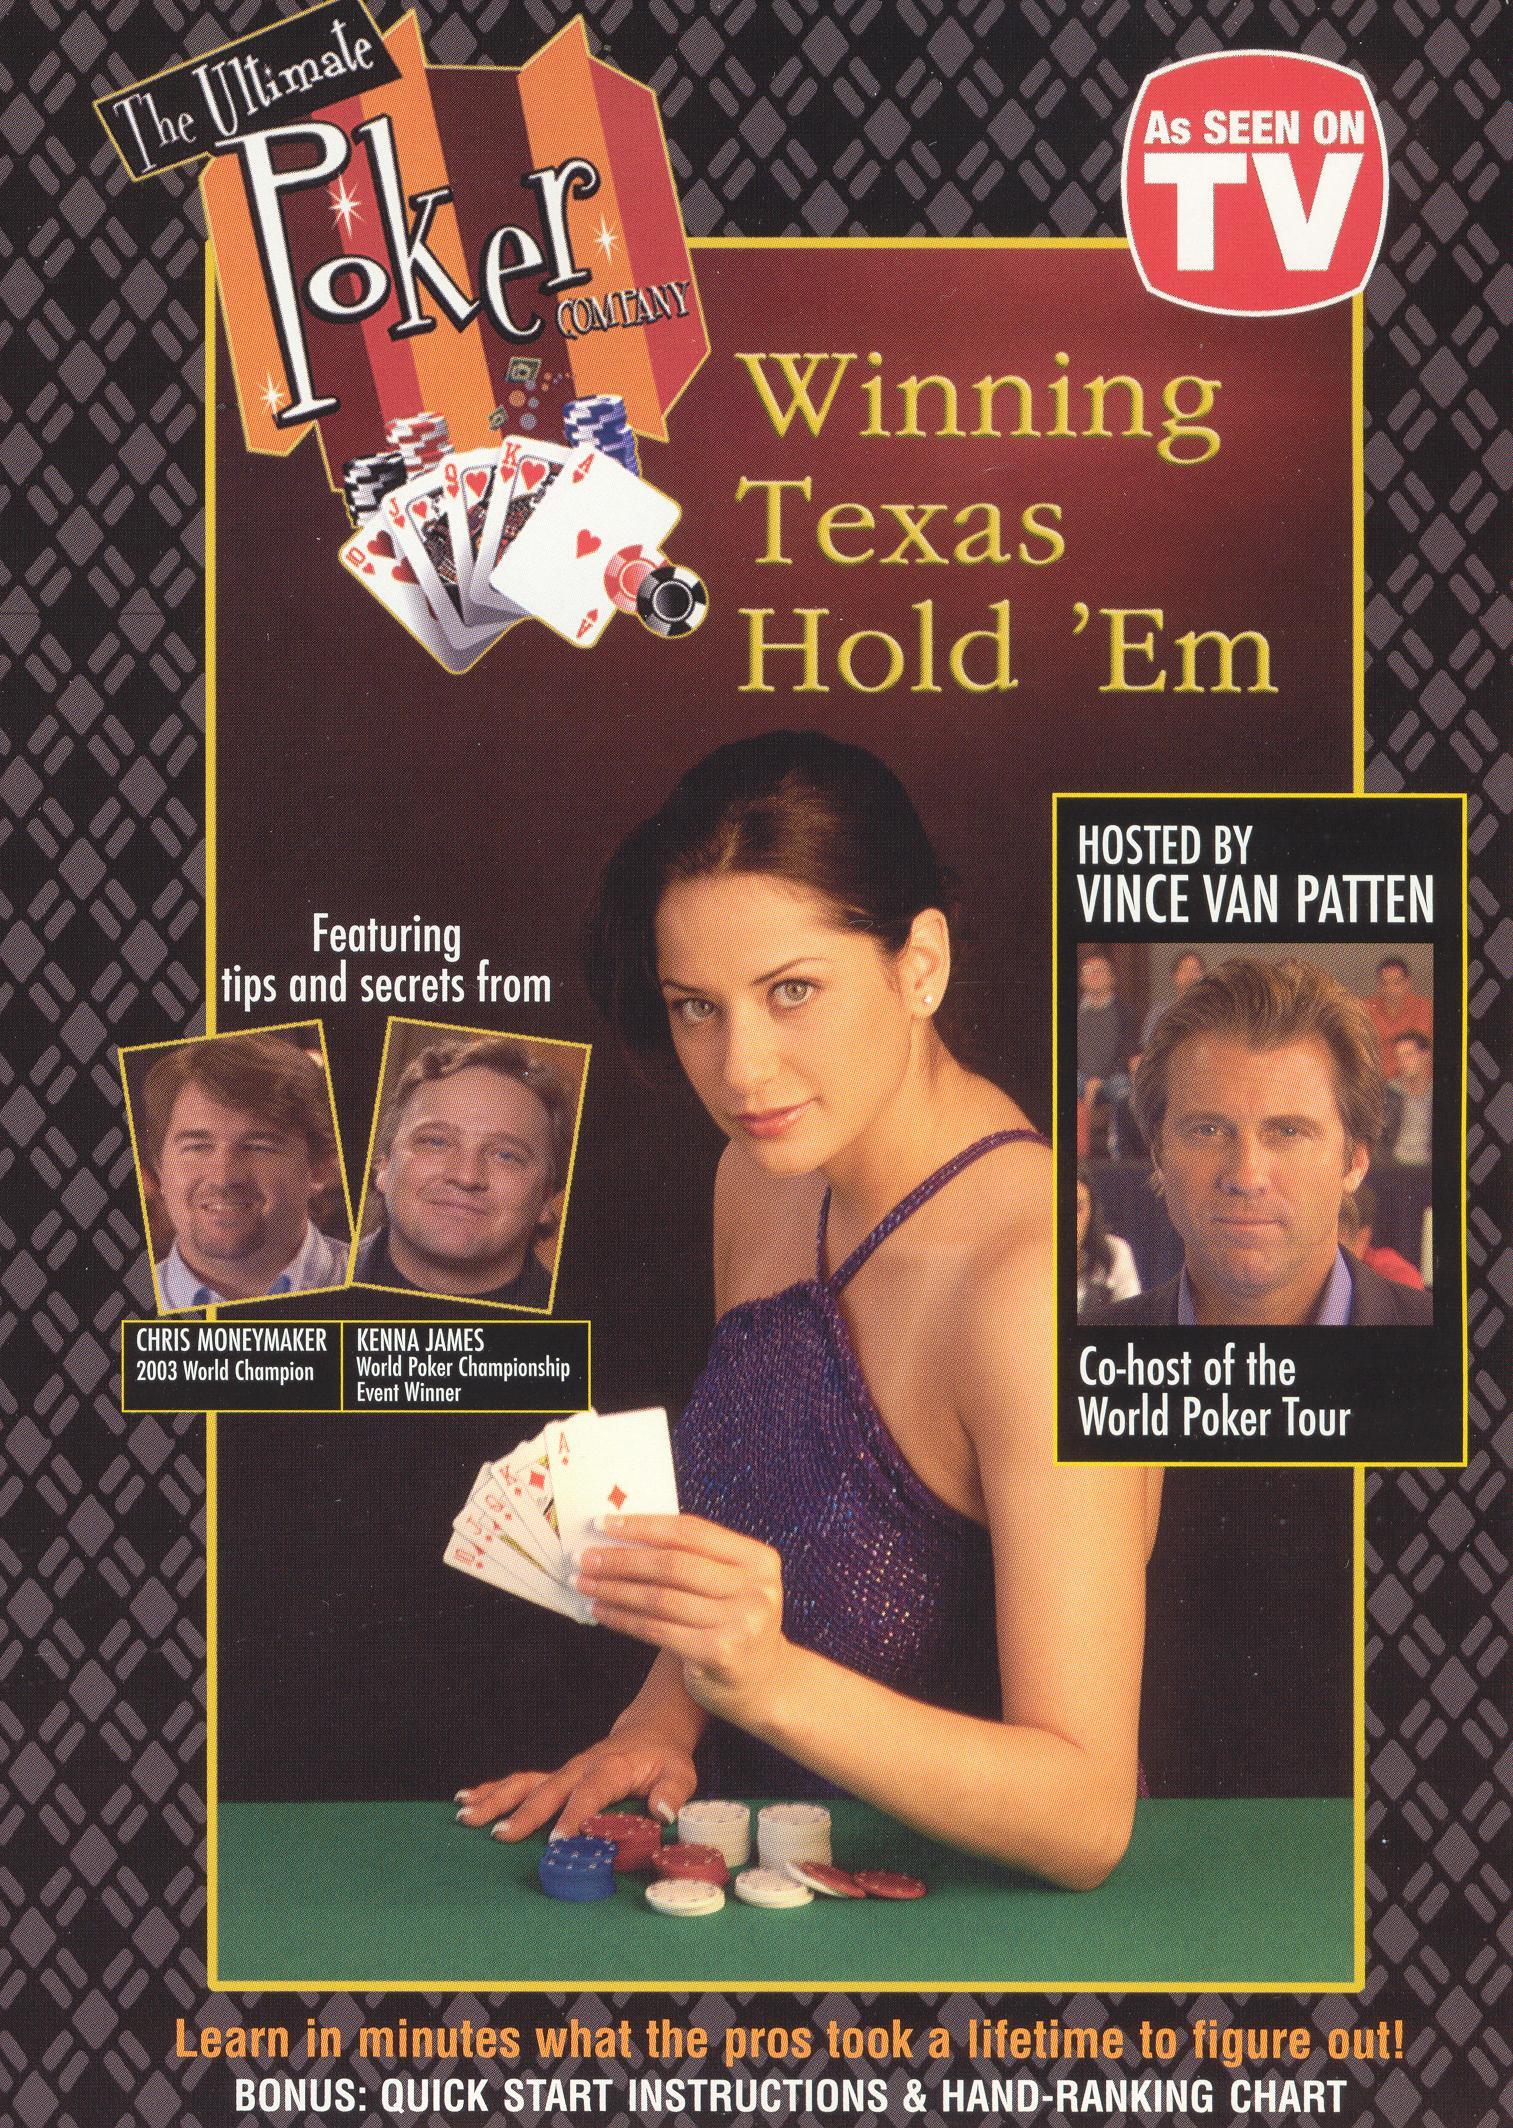 Ultimate Poker's Winning Texas Hold 'Em